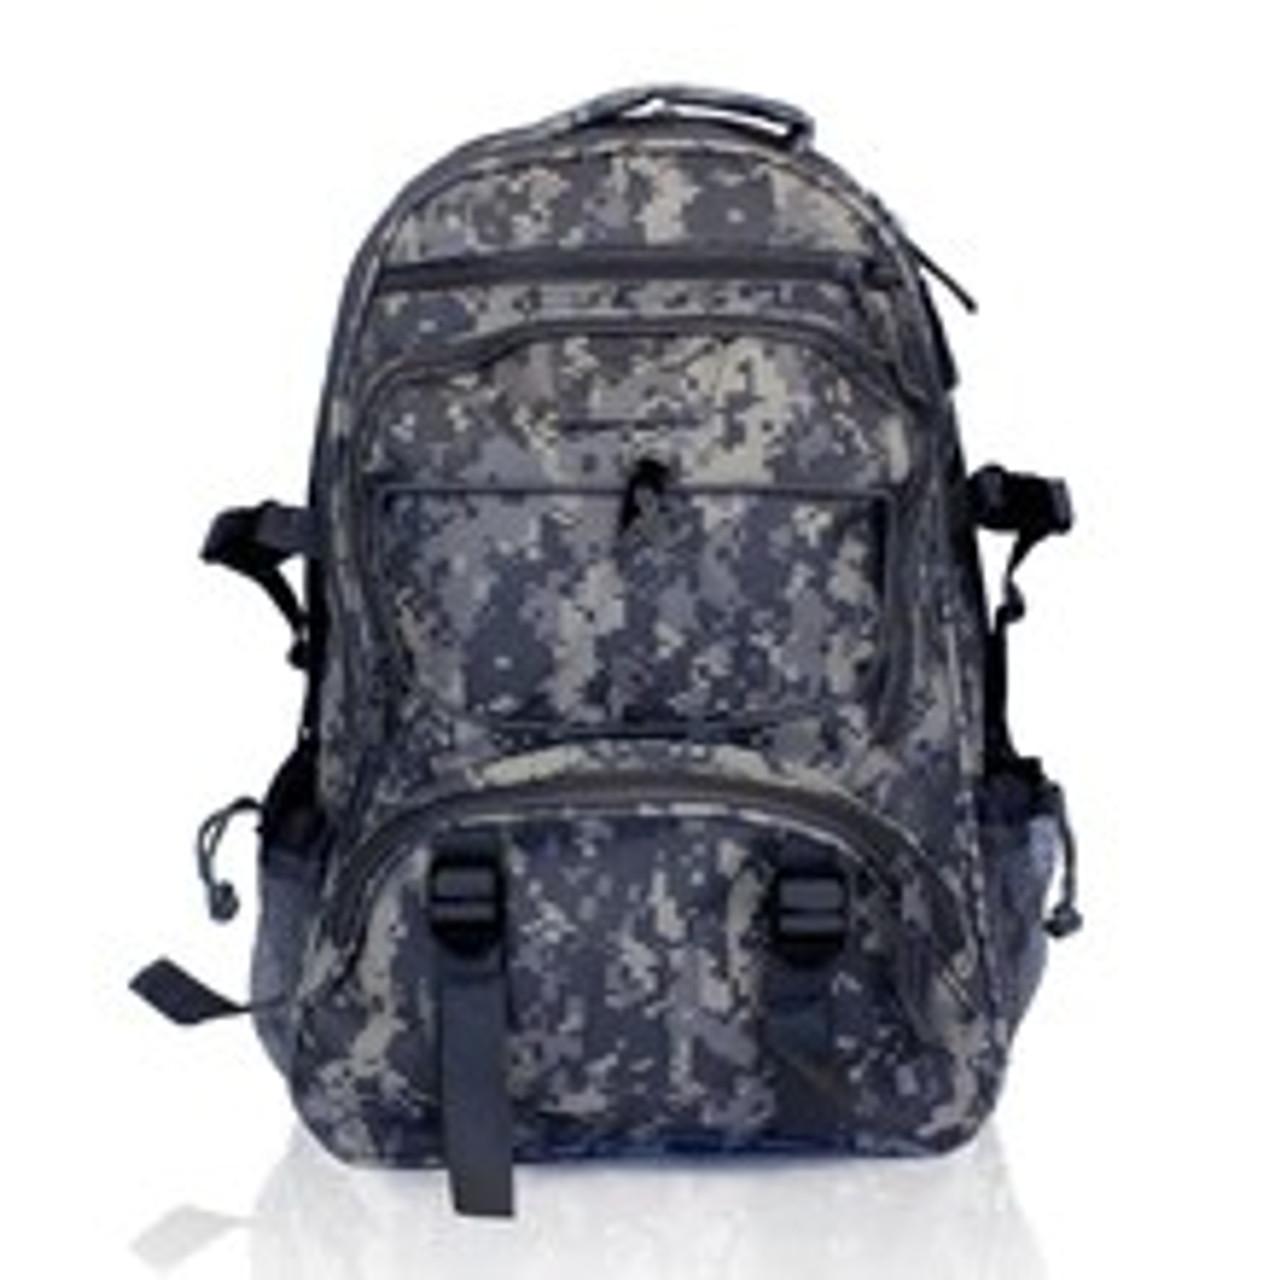 Survival Pro Shop 1 Person Emergency Kit 72 Hours Survival Bag